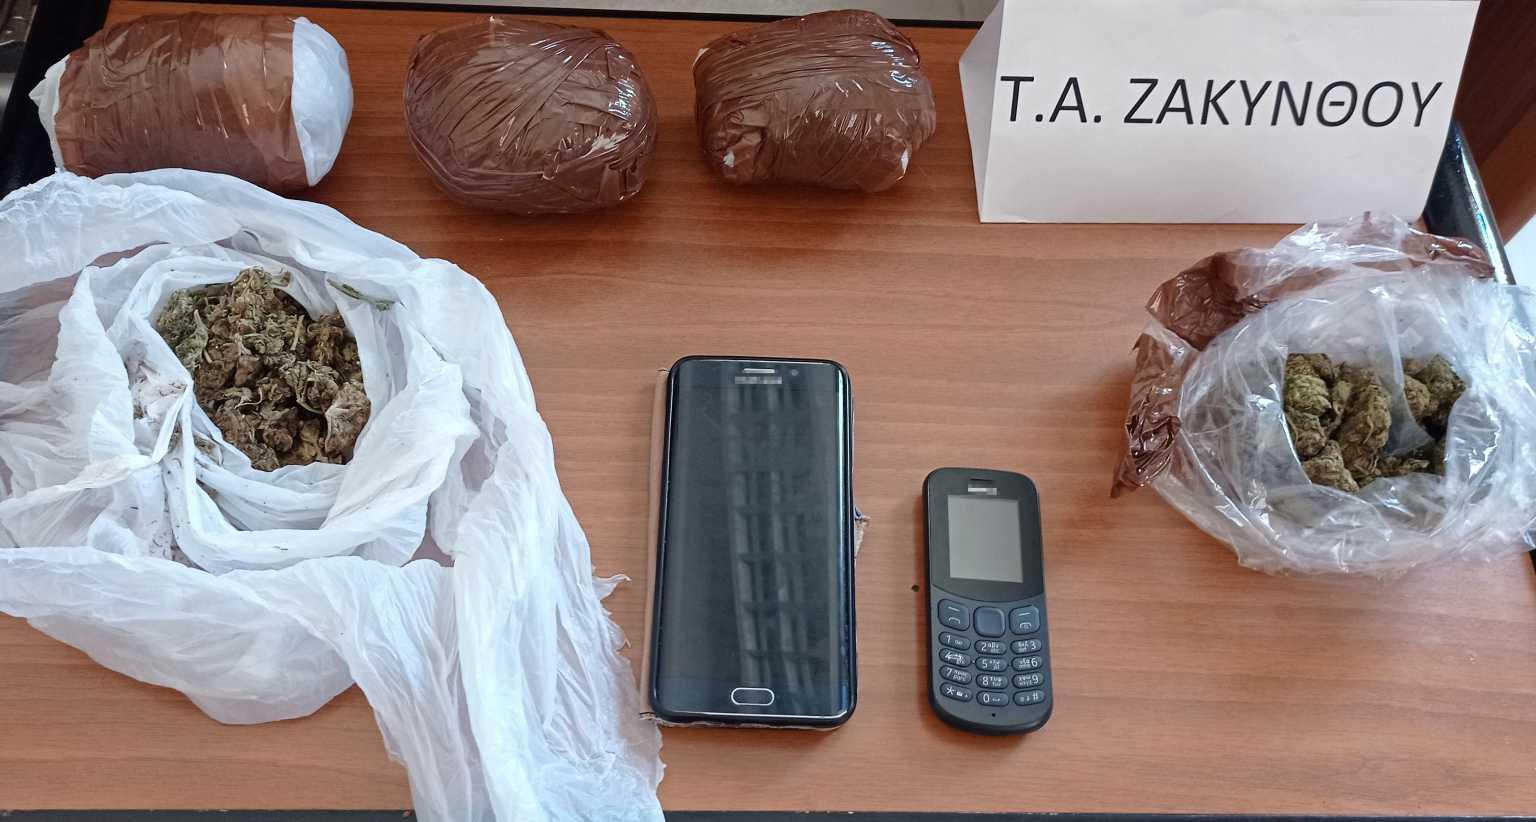 Ζάκυνθος: Χειροπέδες σε αλλοδαπό για διακίνηση ναρκωτικών – Τι βρήκαν στο σπίτι του